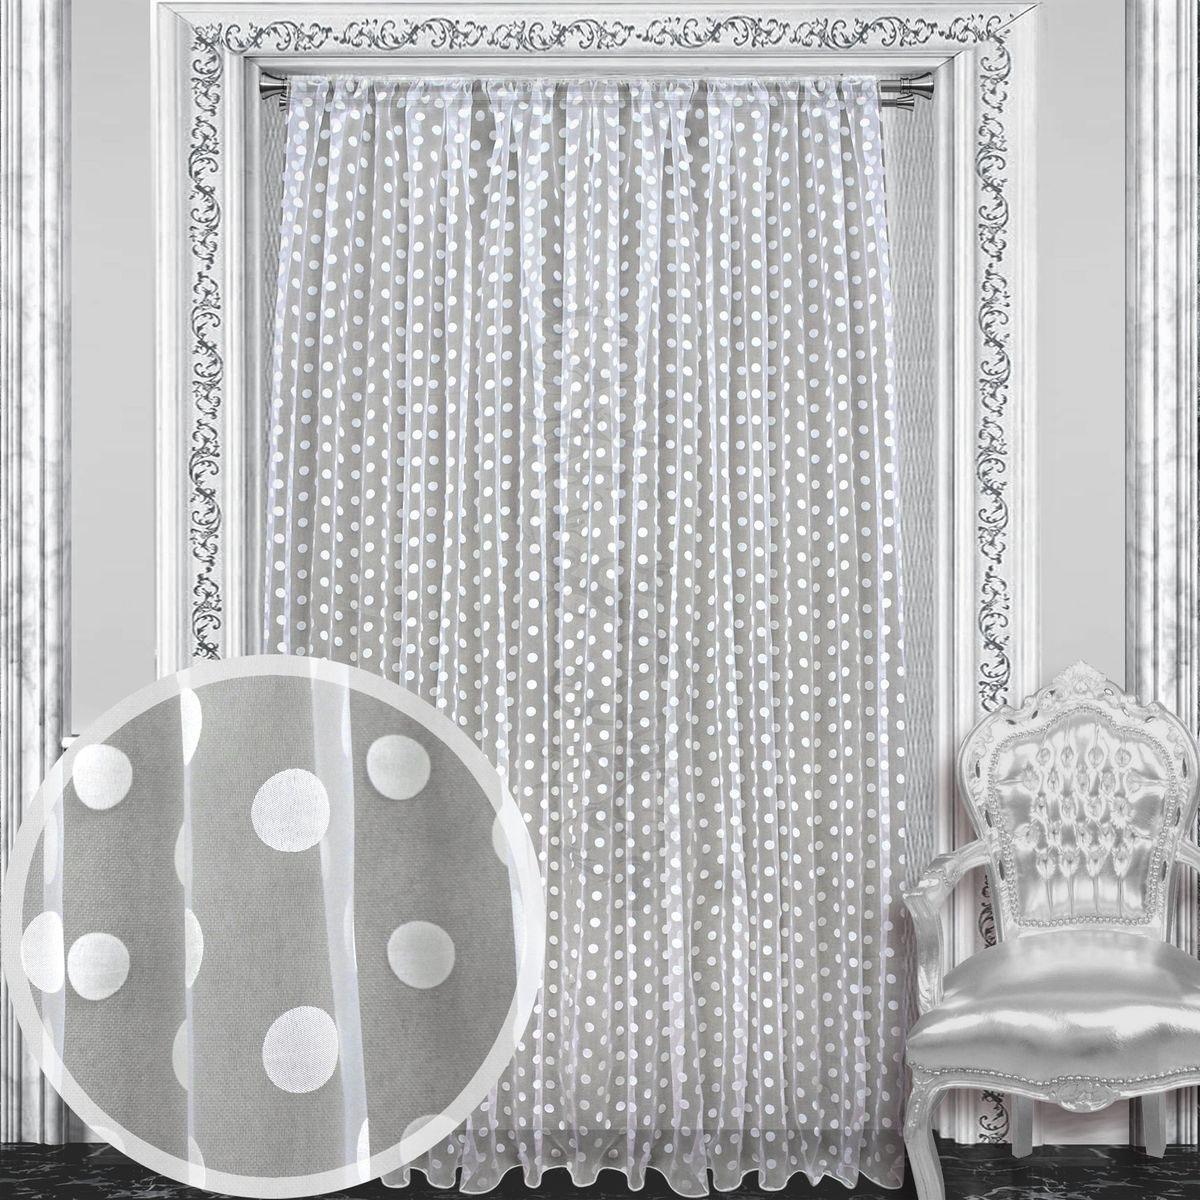 Тюль Amore Mio, на ленте, цвет: белый, высота 270 см. 86117SATURN CANCARDТюль Amore Mio изготовлен из 100% полиэстера. Воздушная ткань привлечет к себе внимание и идеально оформит интерьер любого помещения. Полиэстер - вид ткани, состоящий из полиэфирных волокон. Ткани из полиэстера легкие, прочные и износостойкие. Такие изделия не требуют специального ухода, не пылятся и почти не мнутся.Крепление к карнизу осуществляется при помощи вшитой шторной ленты.